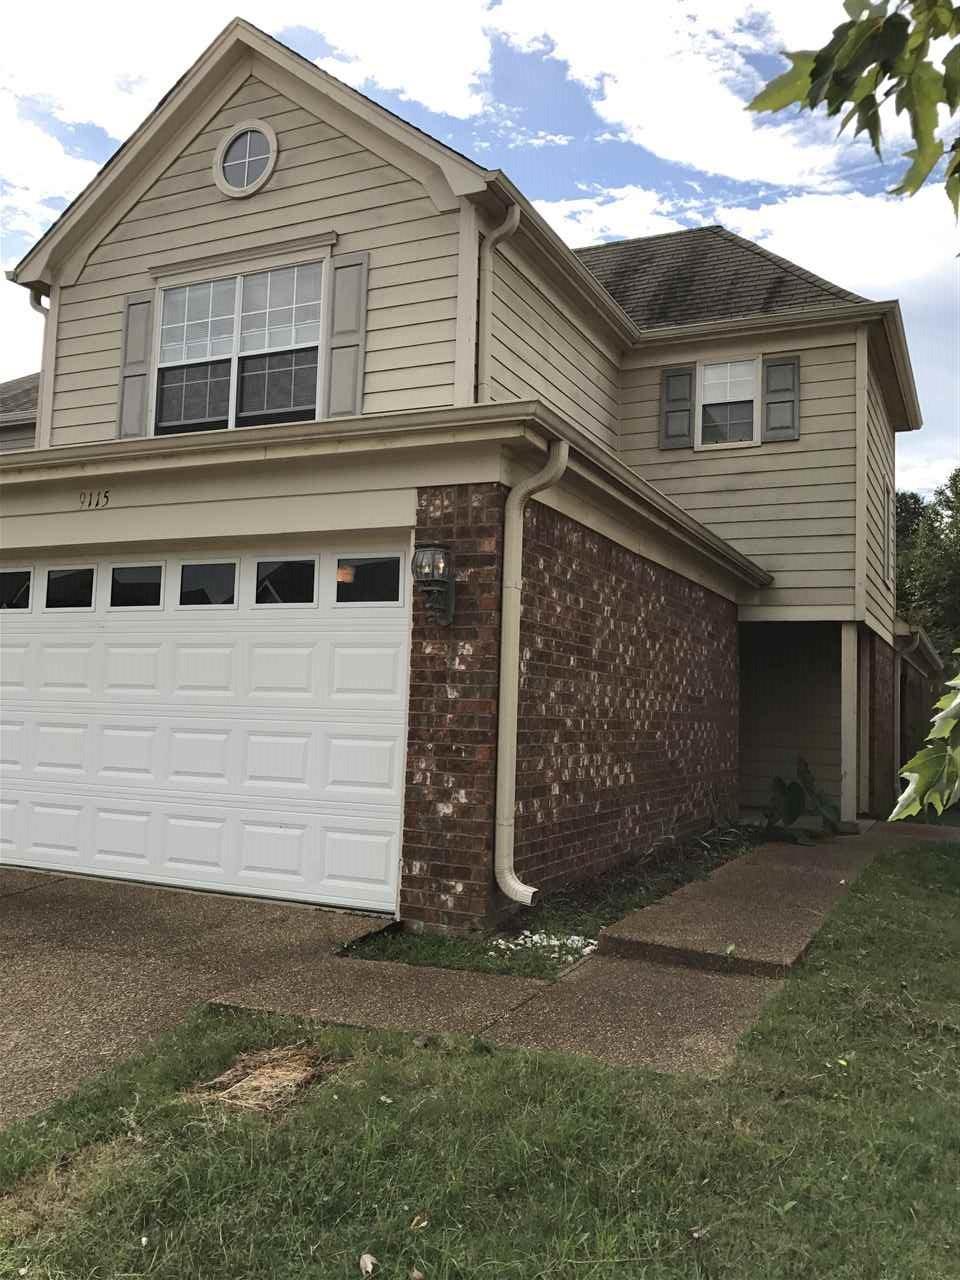 9115 W Cinderhill Memphis, TN 38016 - MLS #: 10012601